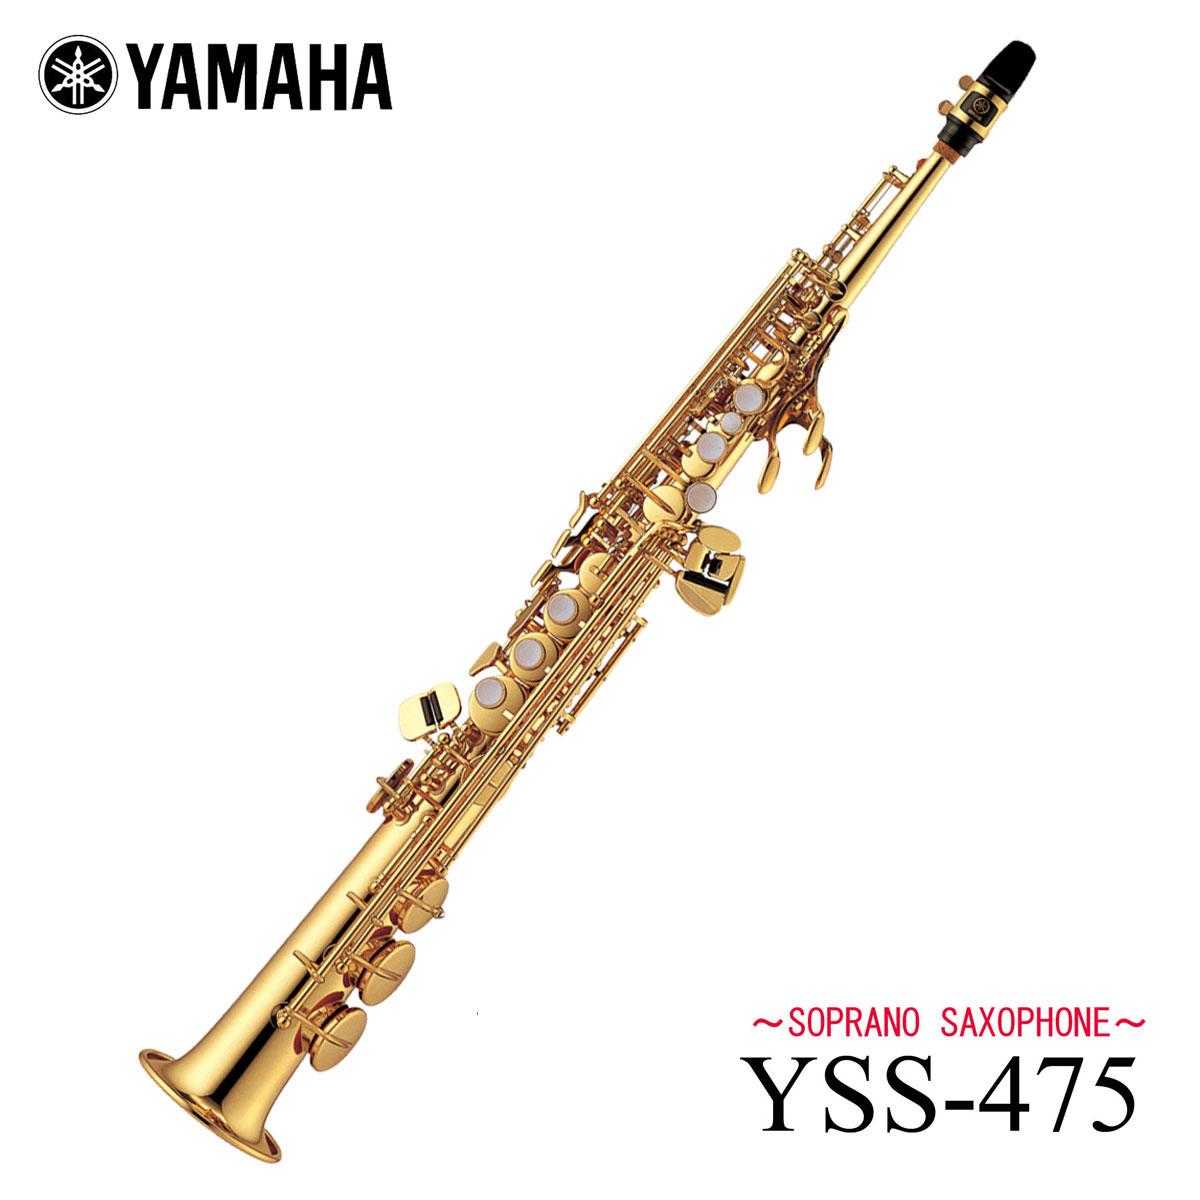 【タイムセール:29日12時まで】【在庫あり】YAMAHA / YSS-475 ヤマハ ソプラノサックス 《倉庫保管新品をお届け※もちろん出荷前調整》《5年保証》